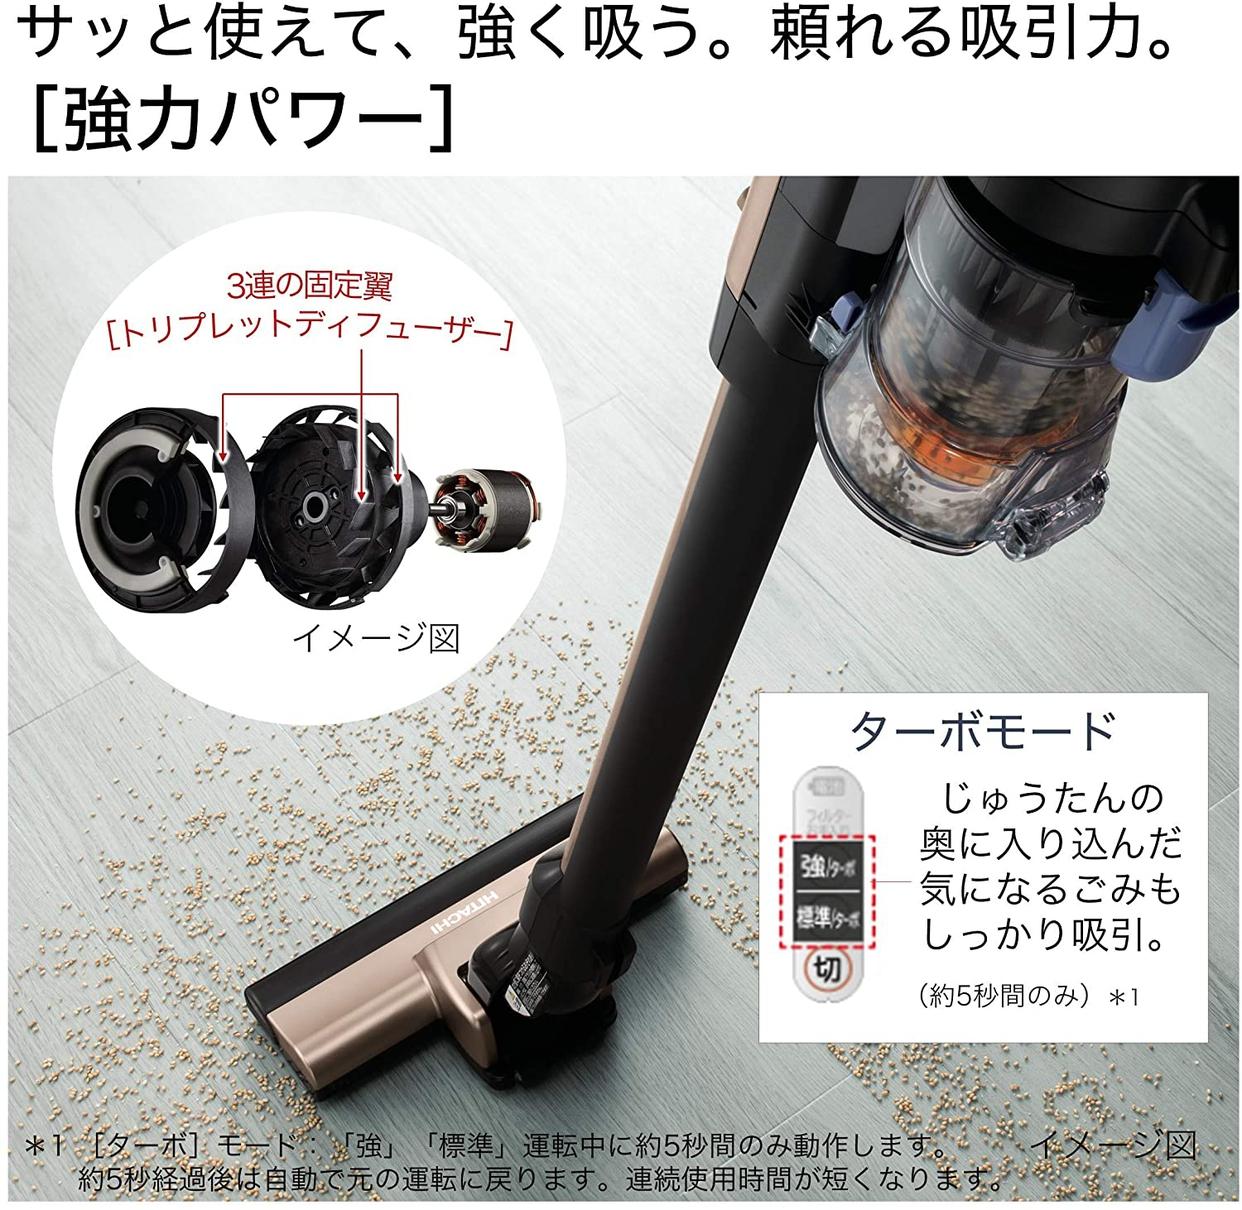 日立(HITACHI) ラクかるスティック PV-BL20Gの商品画像4